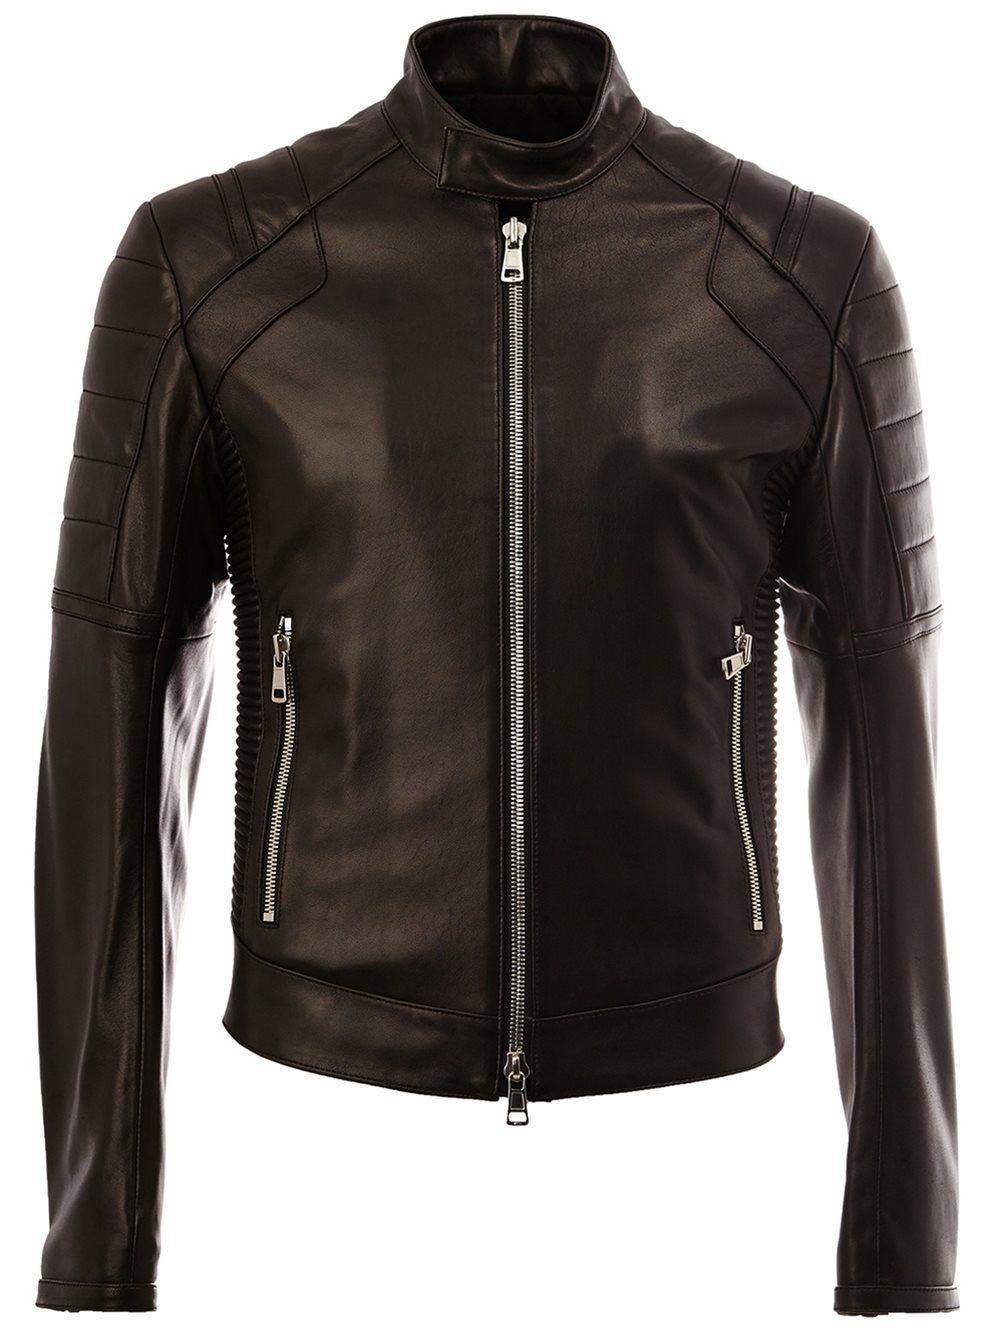 Juun J Quilted Shoulder Jacket Leather Jacket Men Style Leather Jacket Men Leather Jacket Outfit Men [ 1334 x 1000 Pixel ]